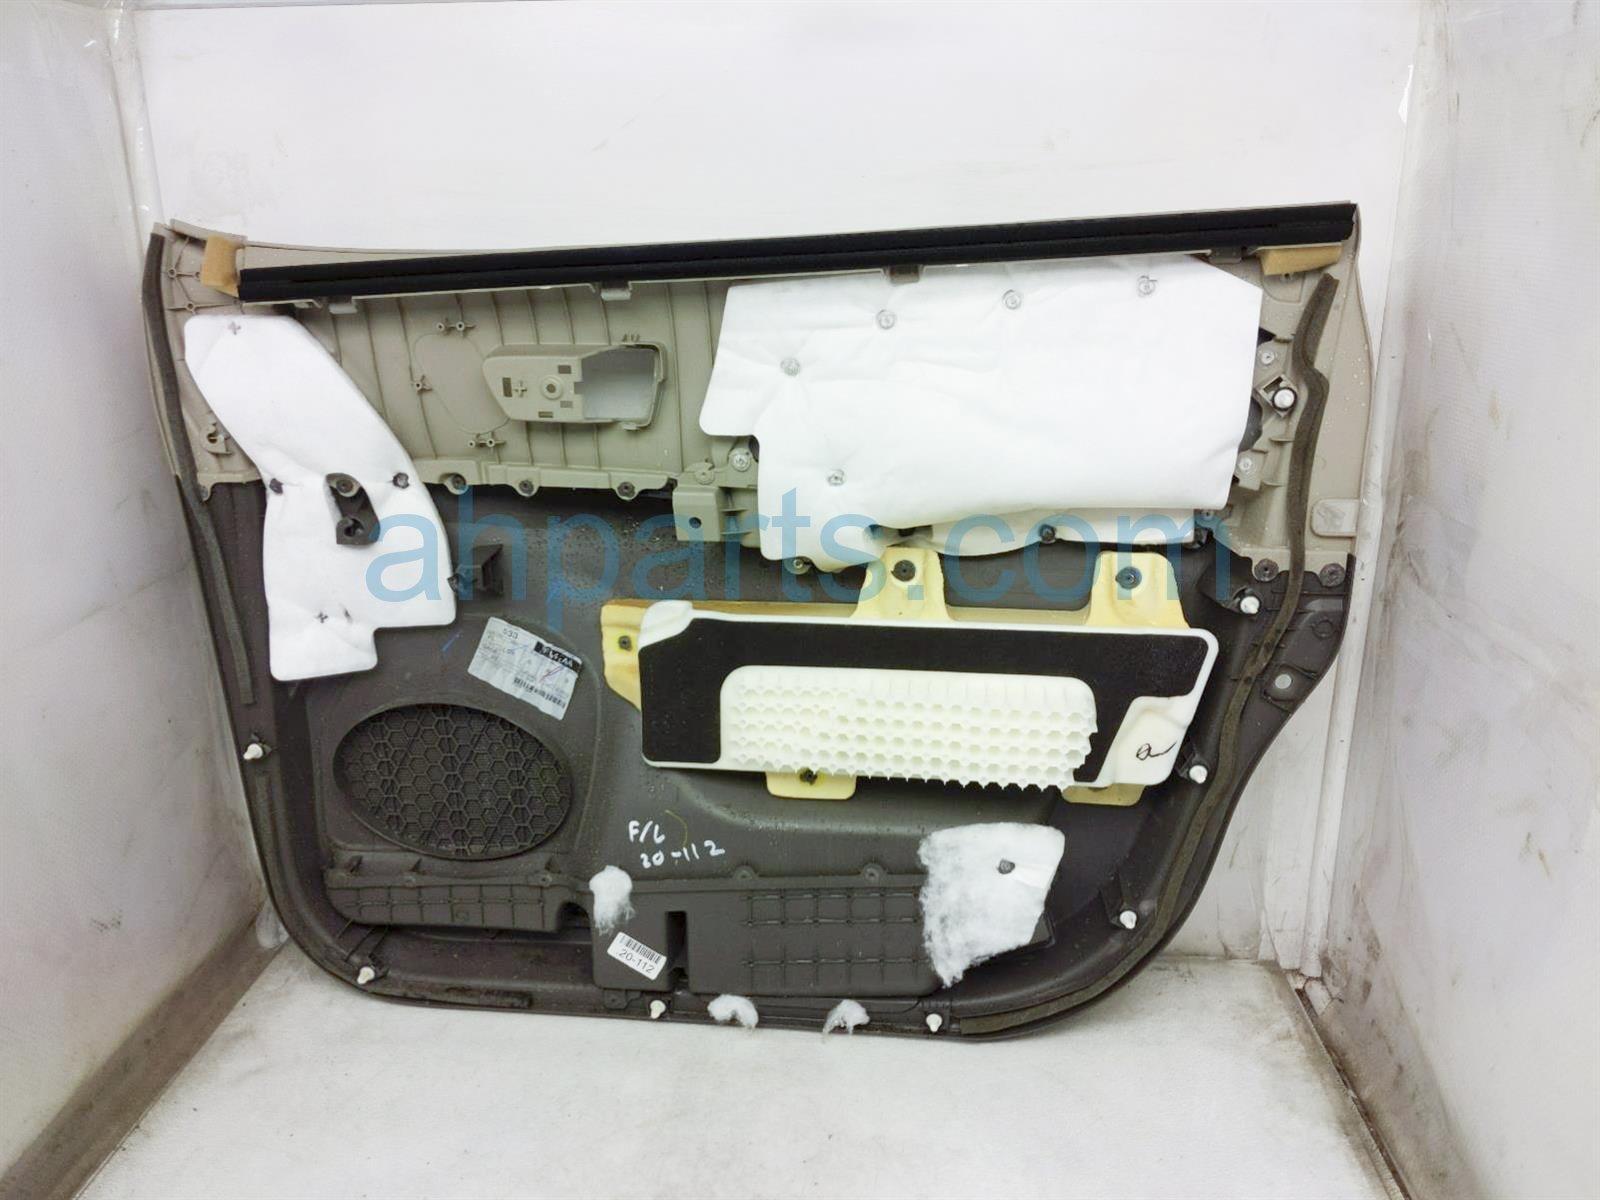 2013 Toyota Sienna Trim Liner Front Driver Interior Door Panel   Tan/grey 67620 08103 Replacement